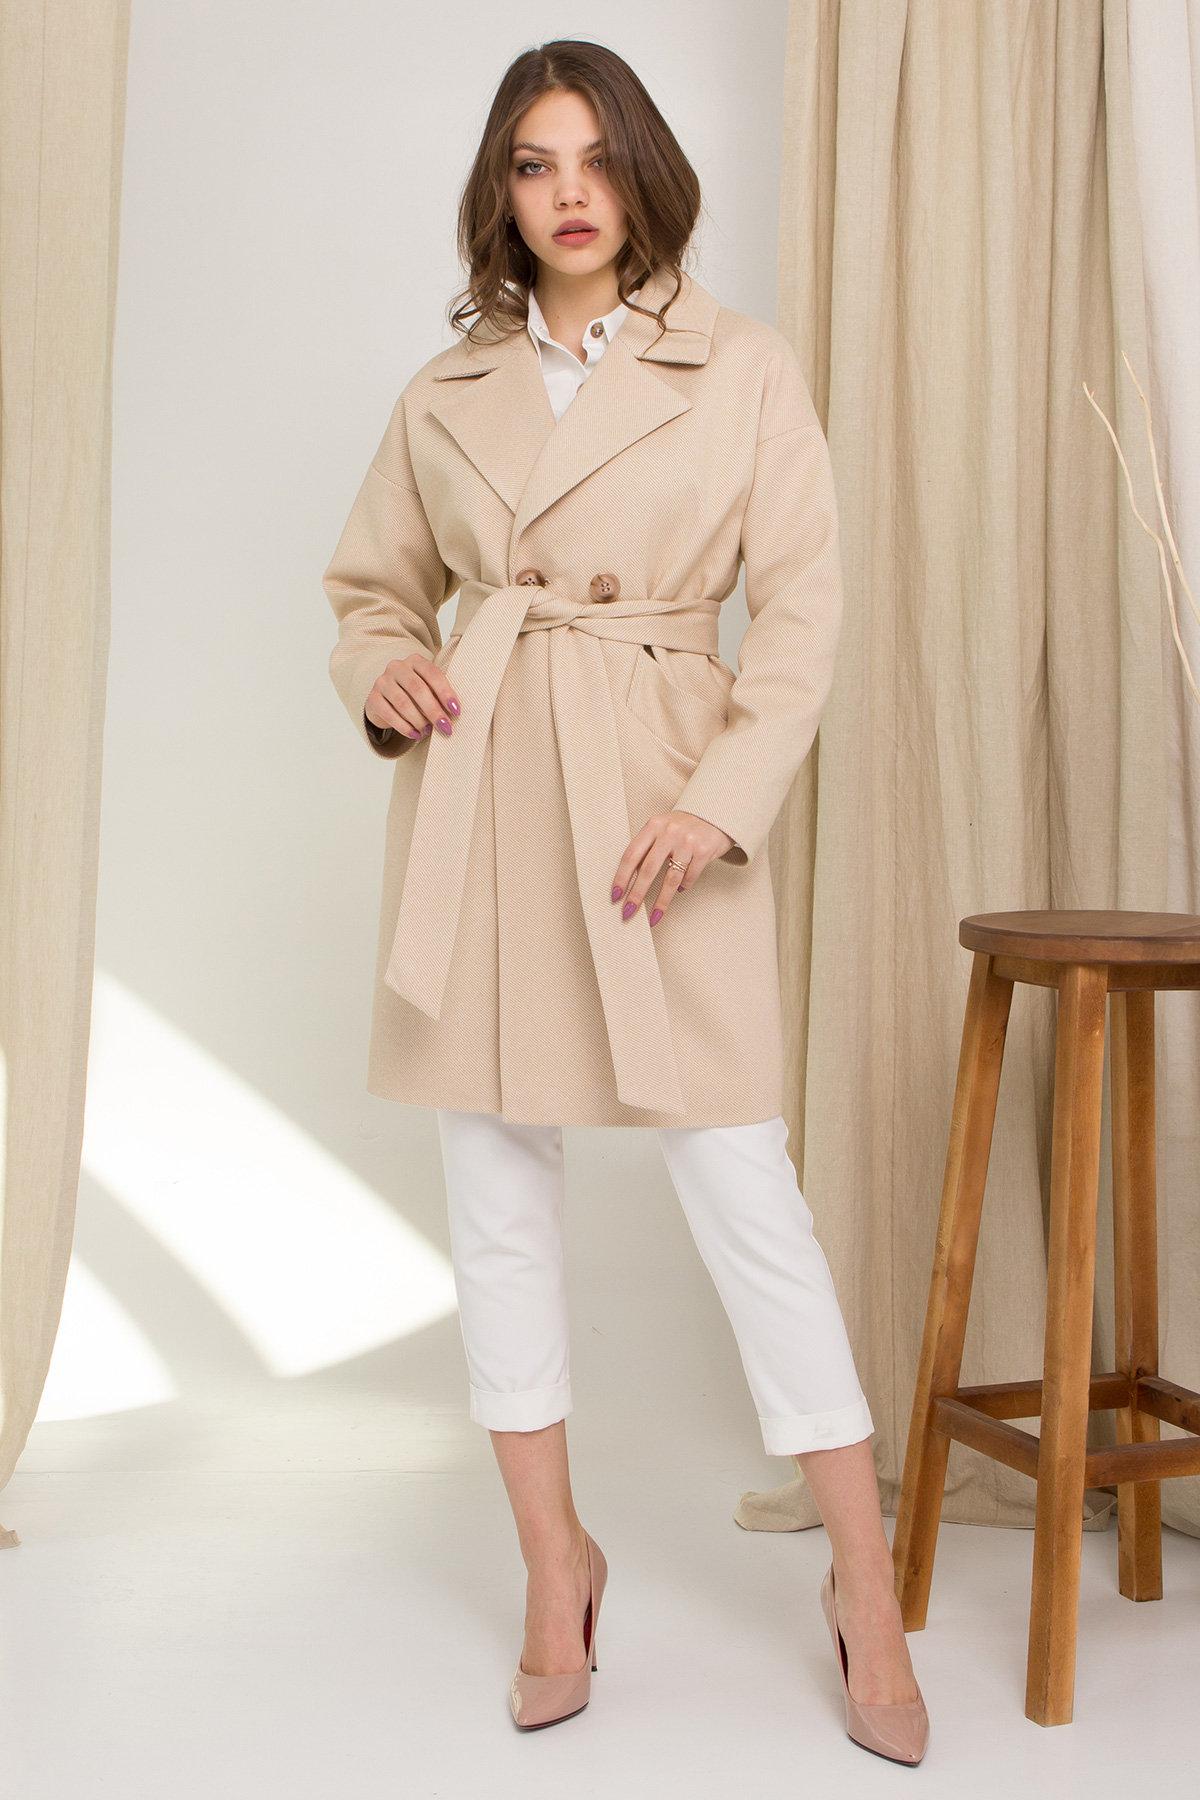 Демисезонное пальто от производителя Modus Пальто Сенсей 9055